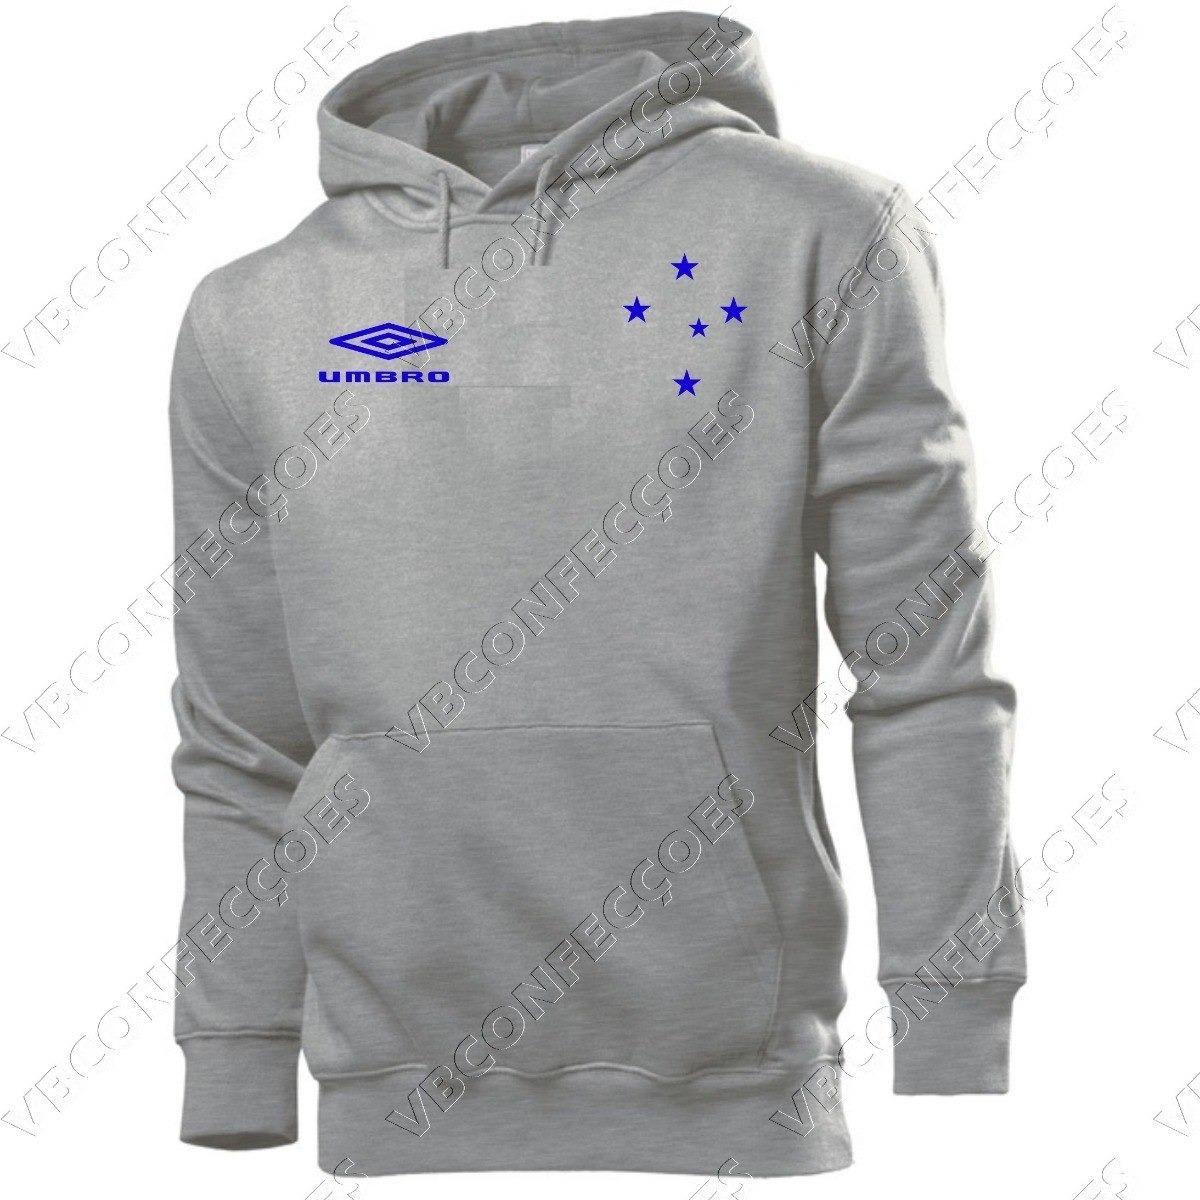 e7952e85ab blusa moleton cruzeiro futebol 100% algodão customizada. Carregando zoom.